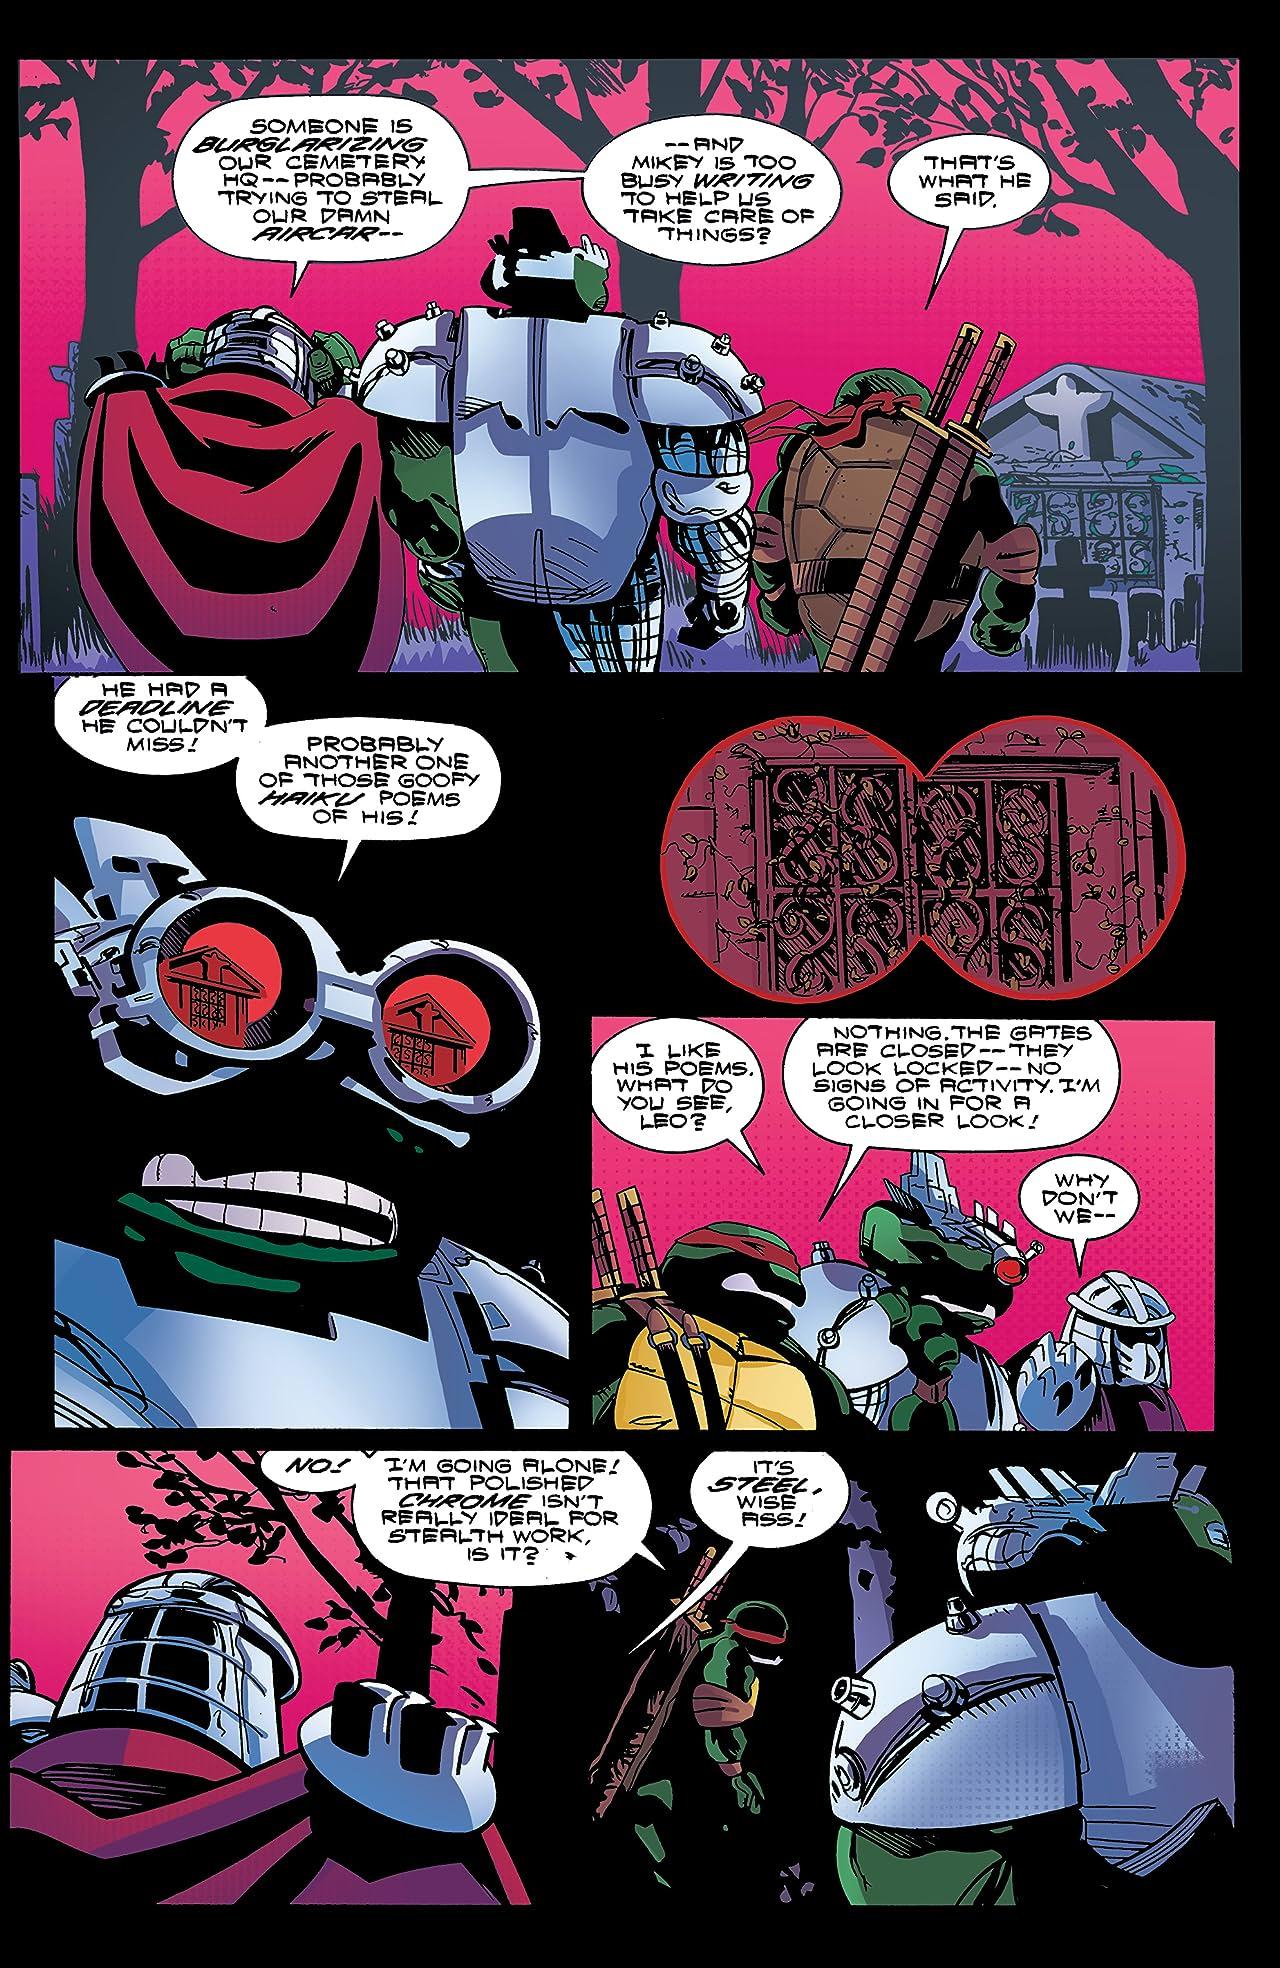 Teenage Mutant Ninja Turtles: Urban Legends #17